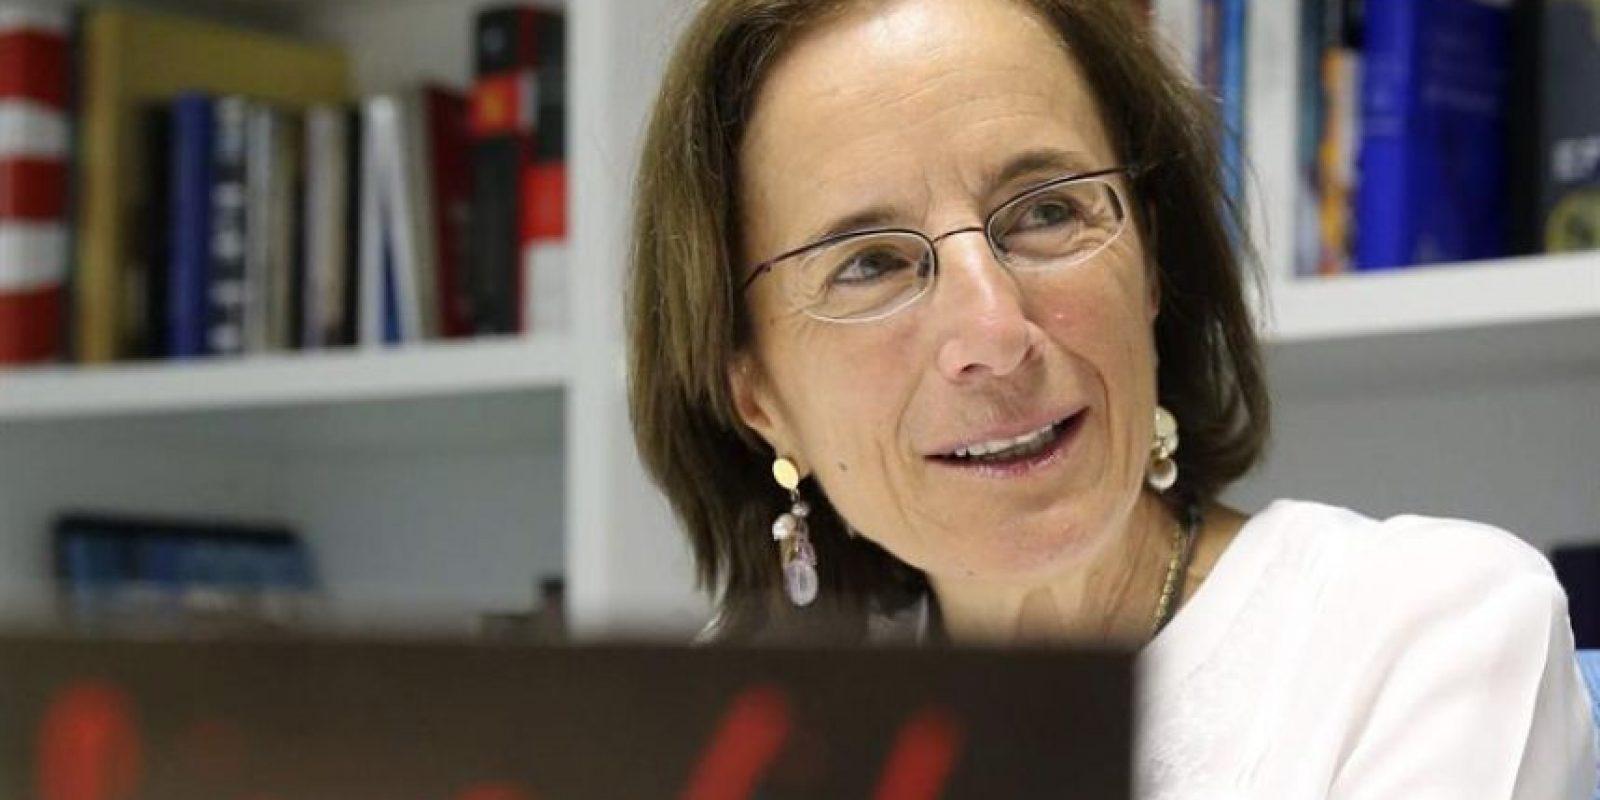 Salud Hernández-Mora, periodista española. Foto:EFE